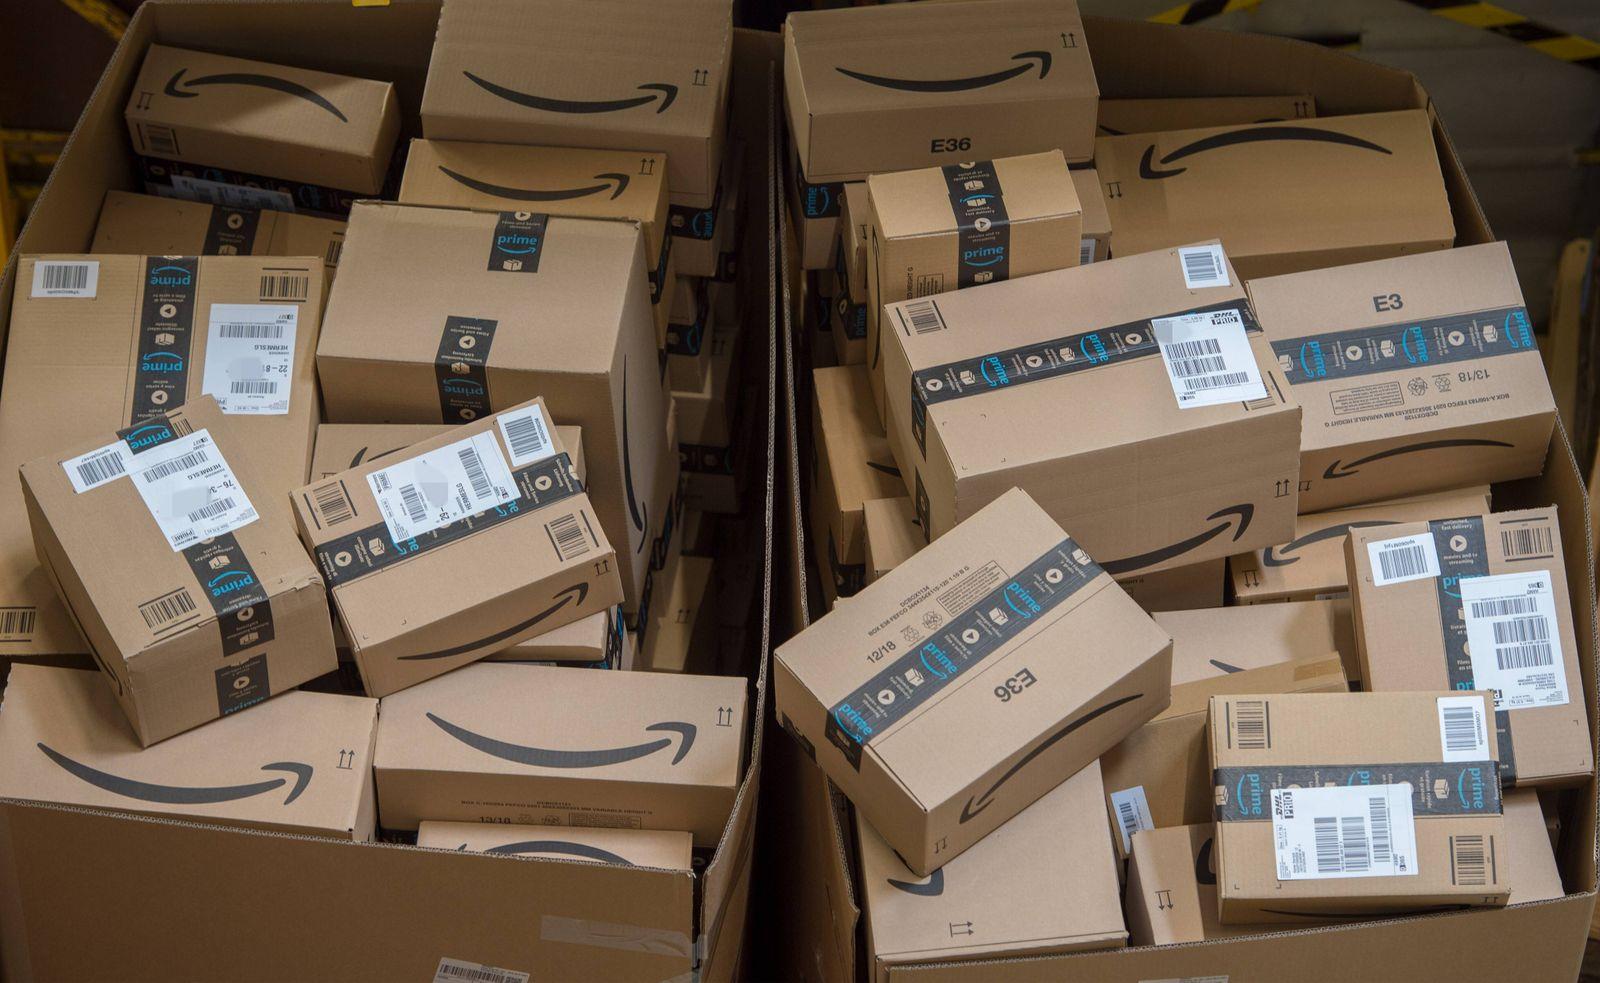 Logistiklager HAM2 von Amazon in Winsen Winsen *** Logistics warehouse HAM2 from Amazon in Winsen